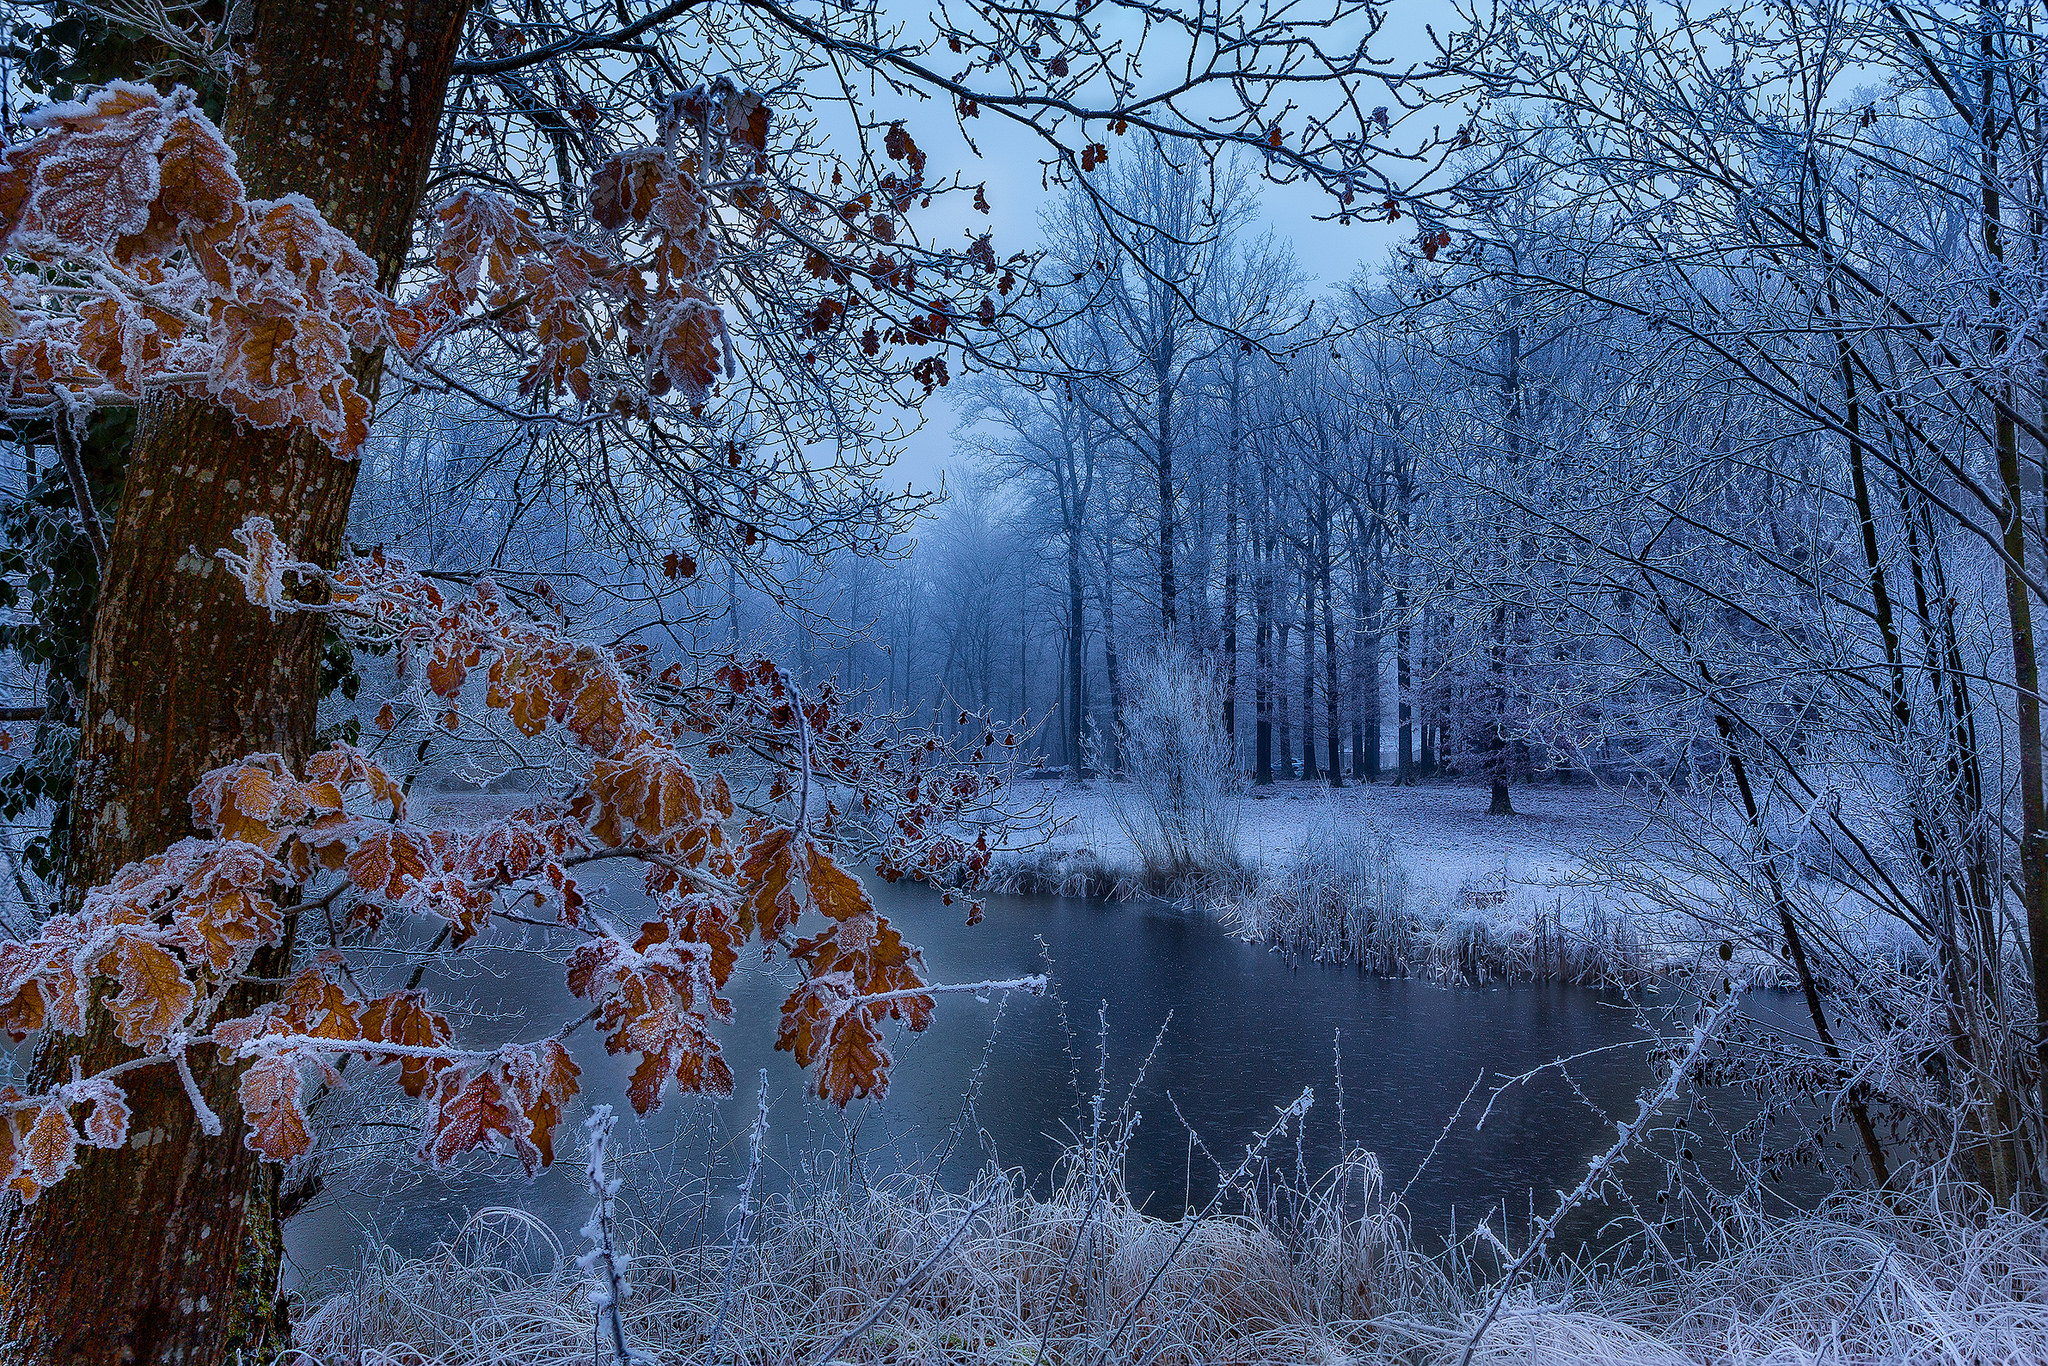 представляет собой картинки про природу осень и зиму богатства, это